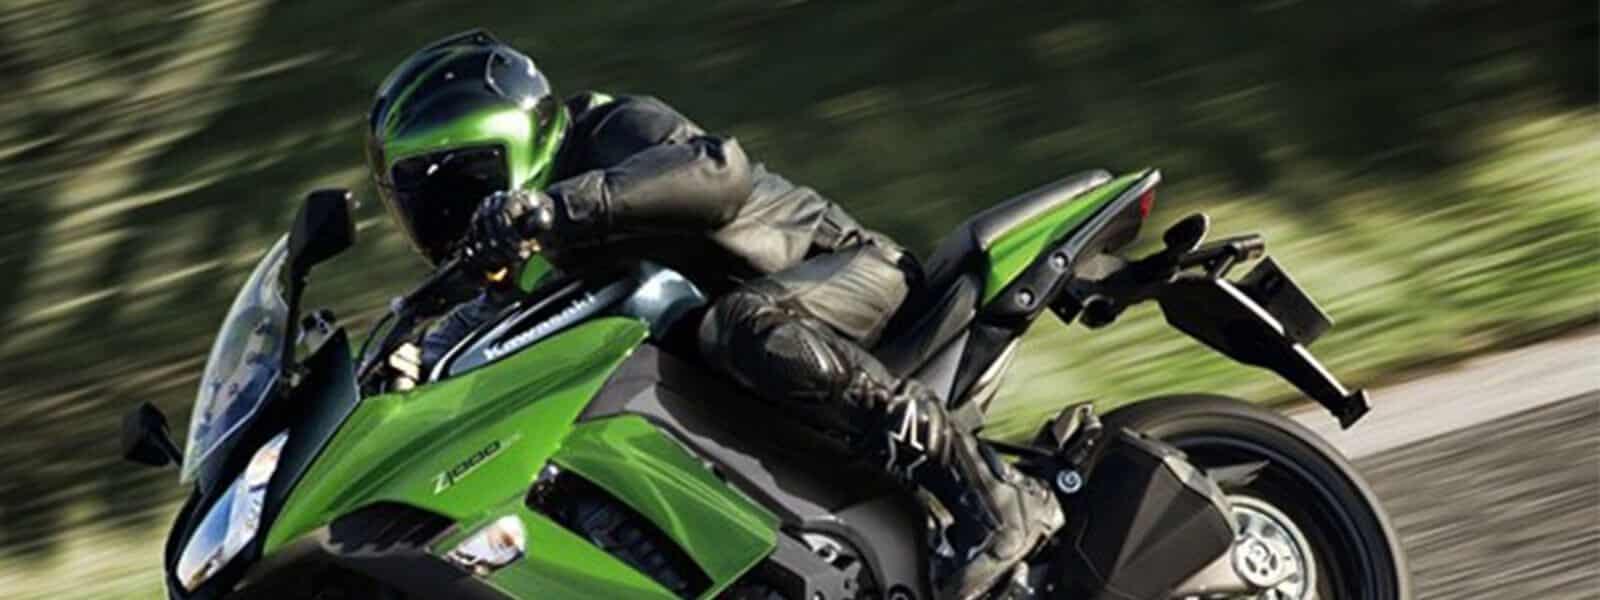 come si può guidare una moto?